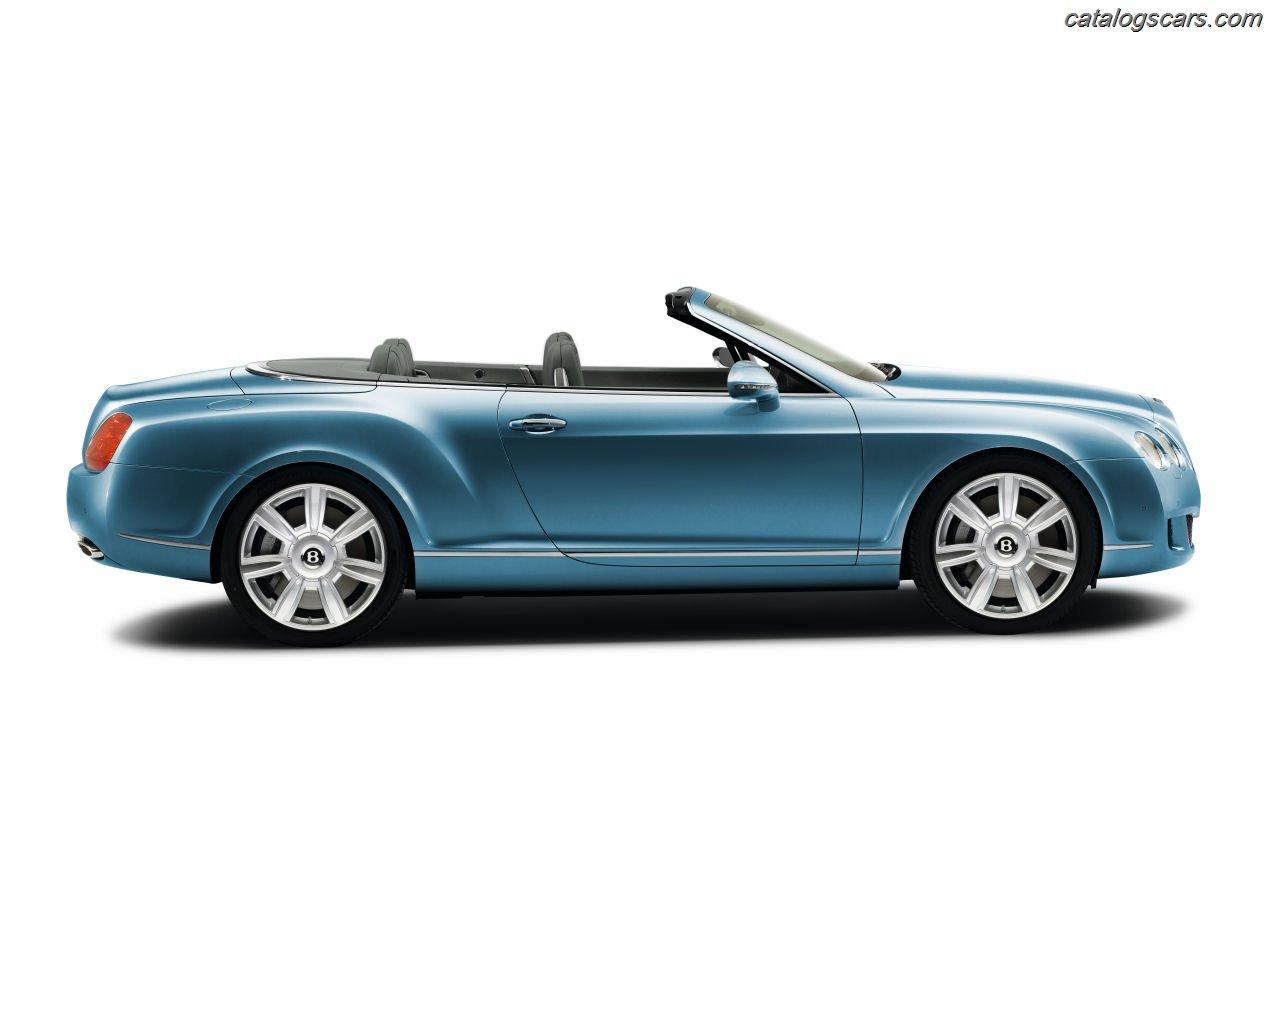 صور سيارة بنتلى كونتيننتال جى تى سى 2015 - اجمل خلفيات صور عربية بنتلى كونتيننتال جى تى سى 2015 - Bentley Continental Gtc Photos Bentley-Continental-Gtc-2011-07.jpg